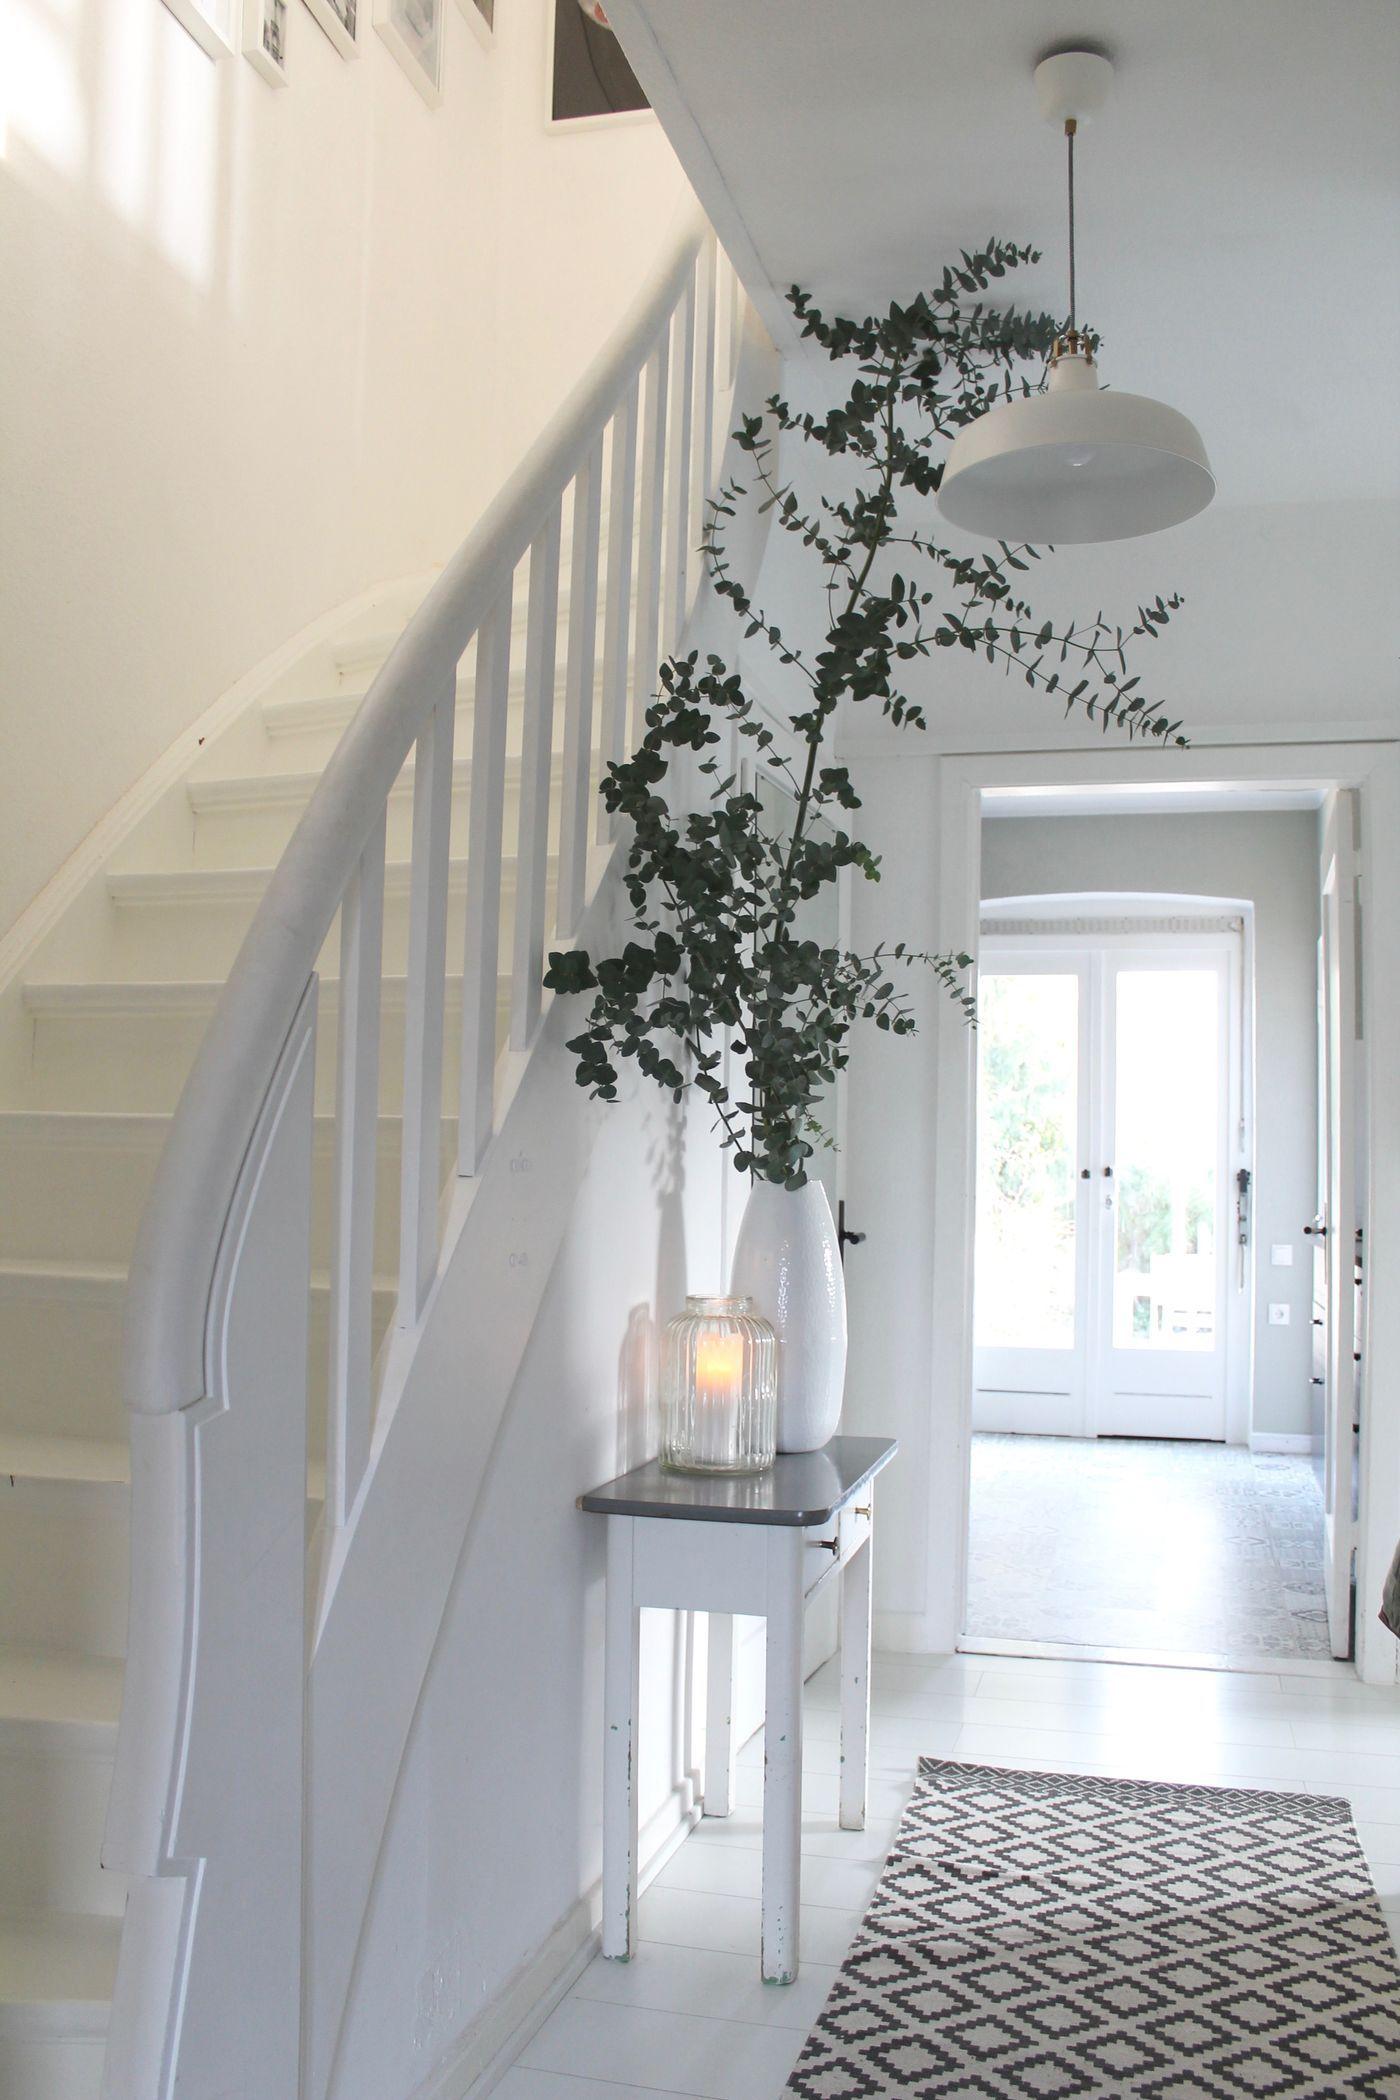 eingangsbereich gestalten ideen gartengestaltung eingangsbereich. Black Bedroom Furniture Sets. Home Design Ideas